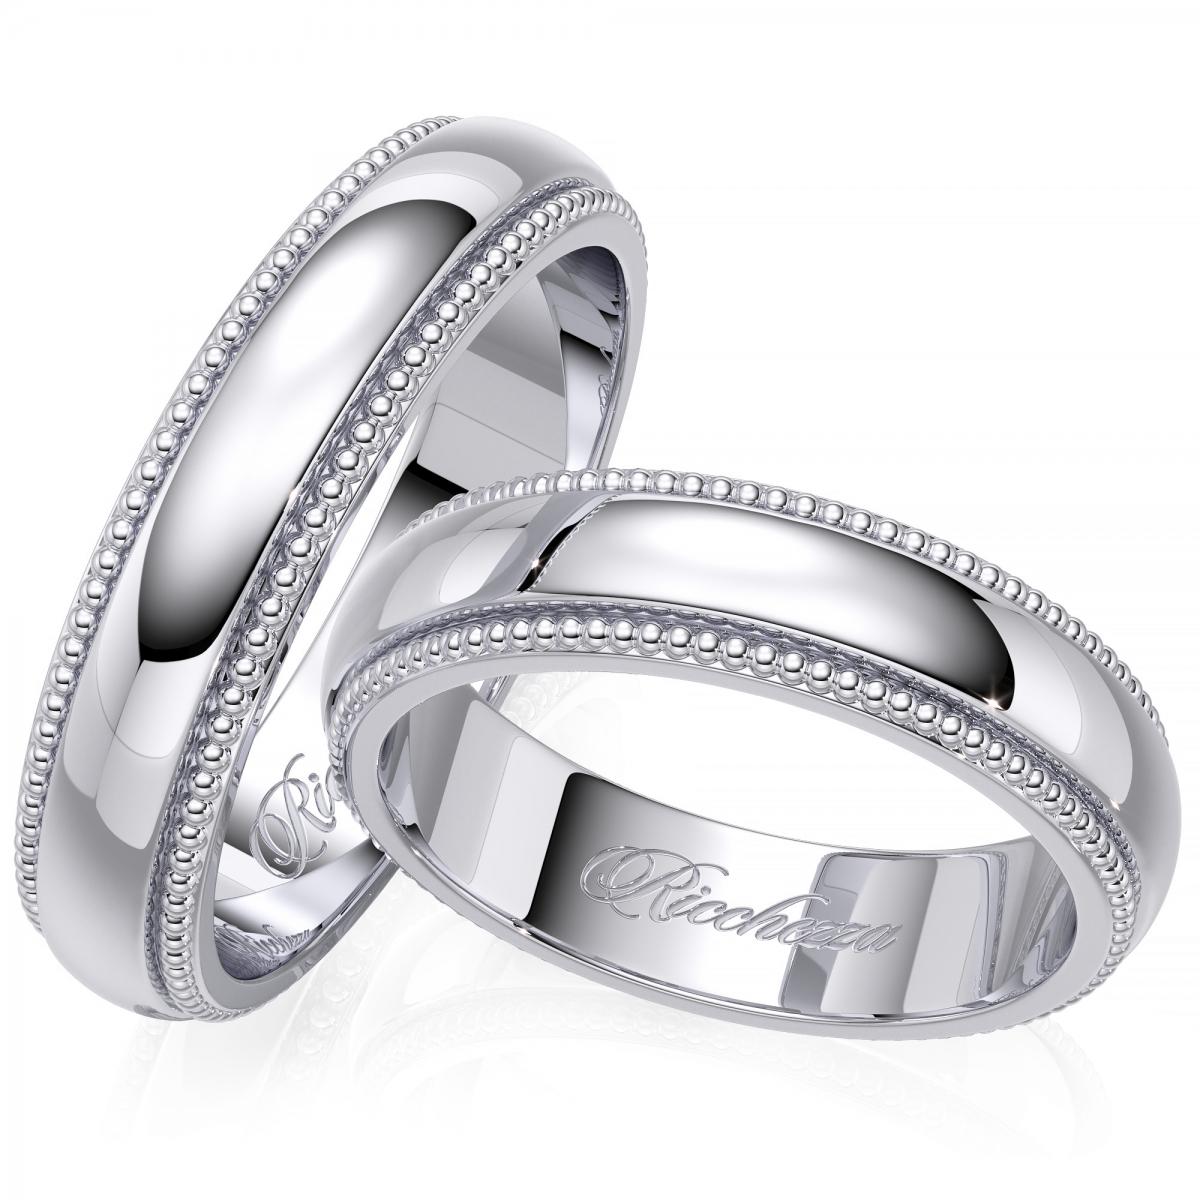 Обручальные кольца серебро картинки